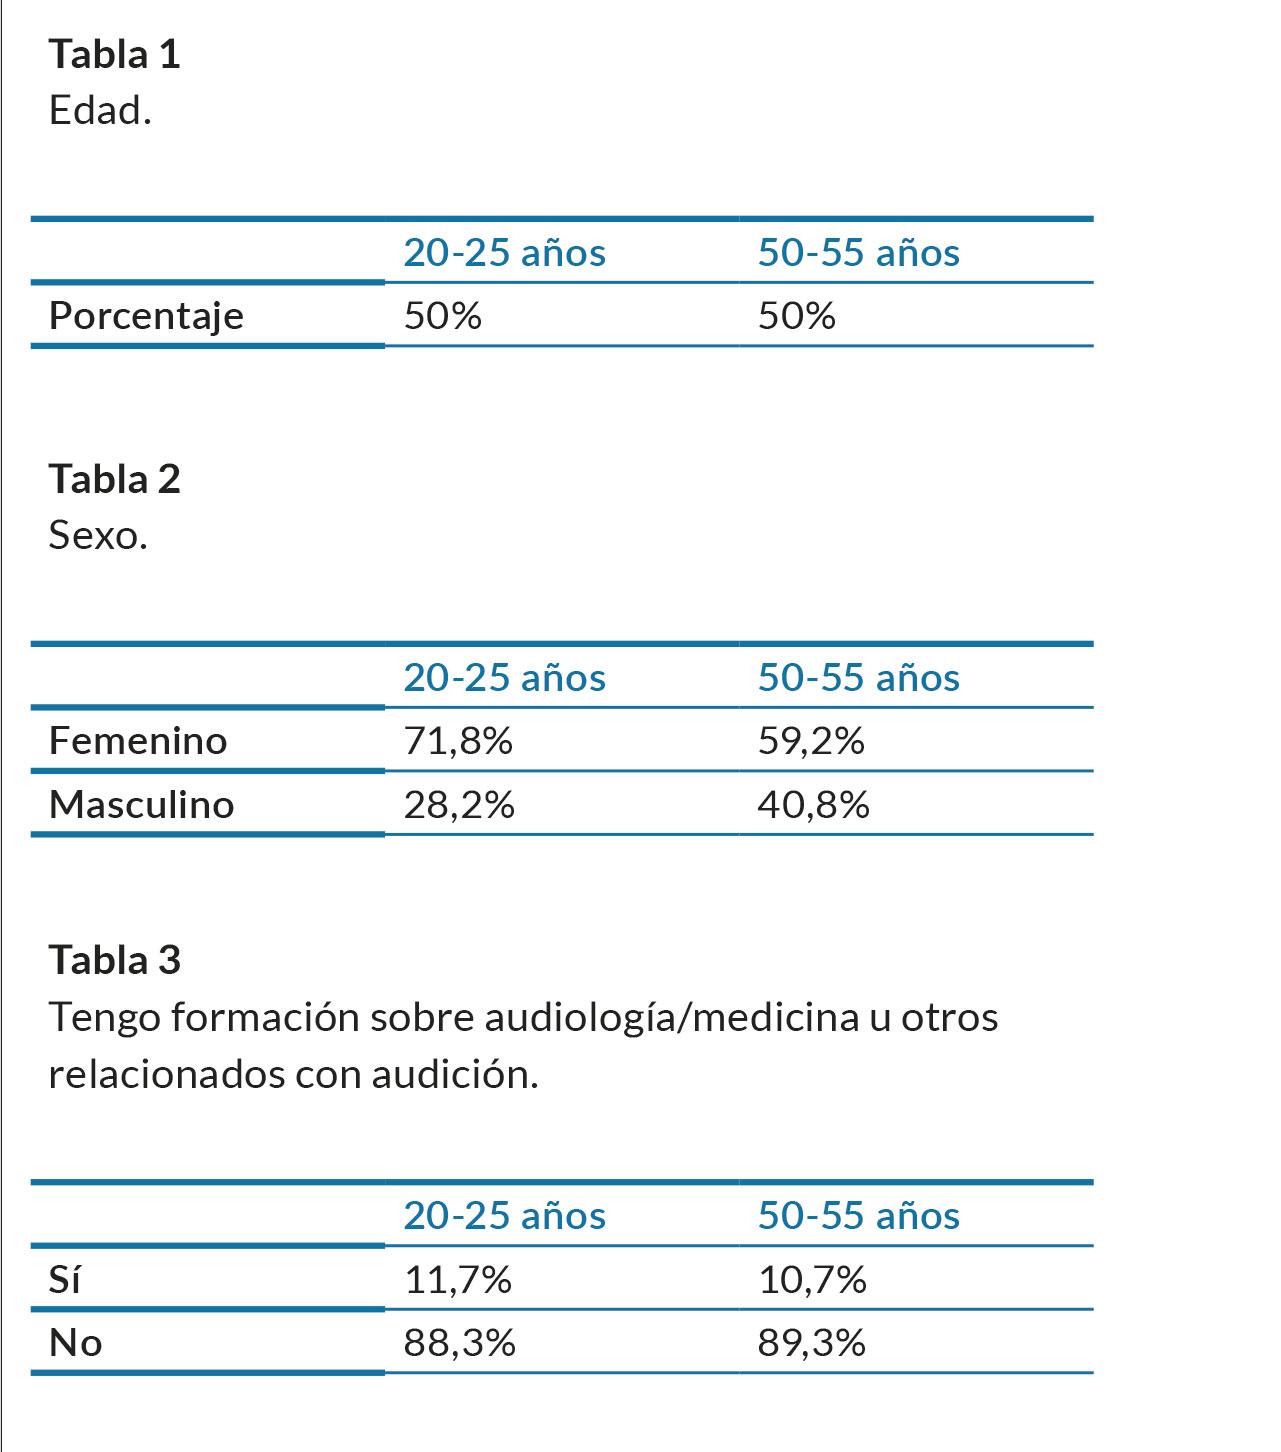 tablas-1-2-3